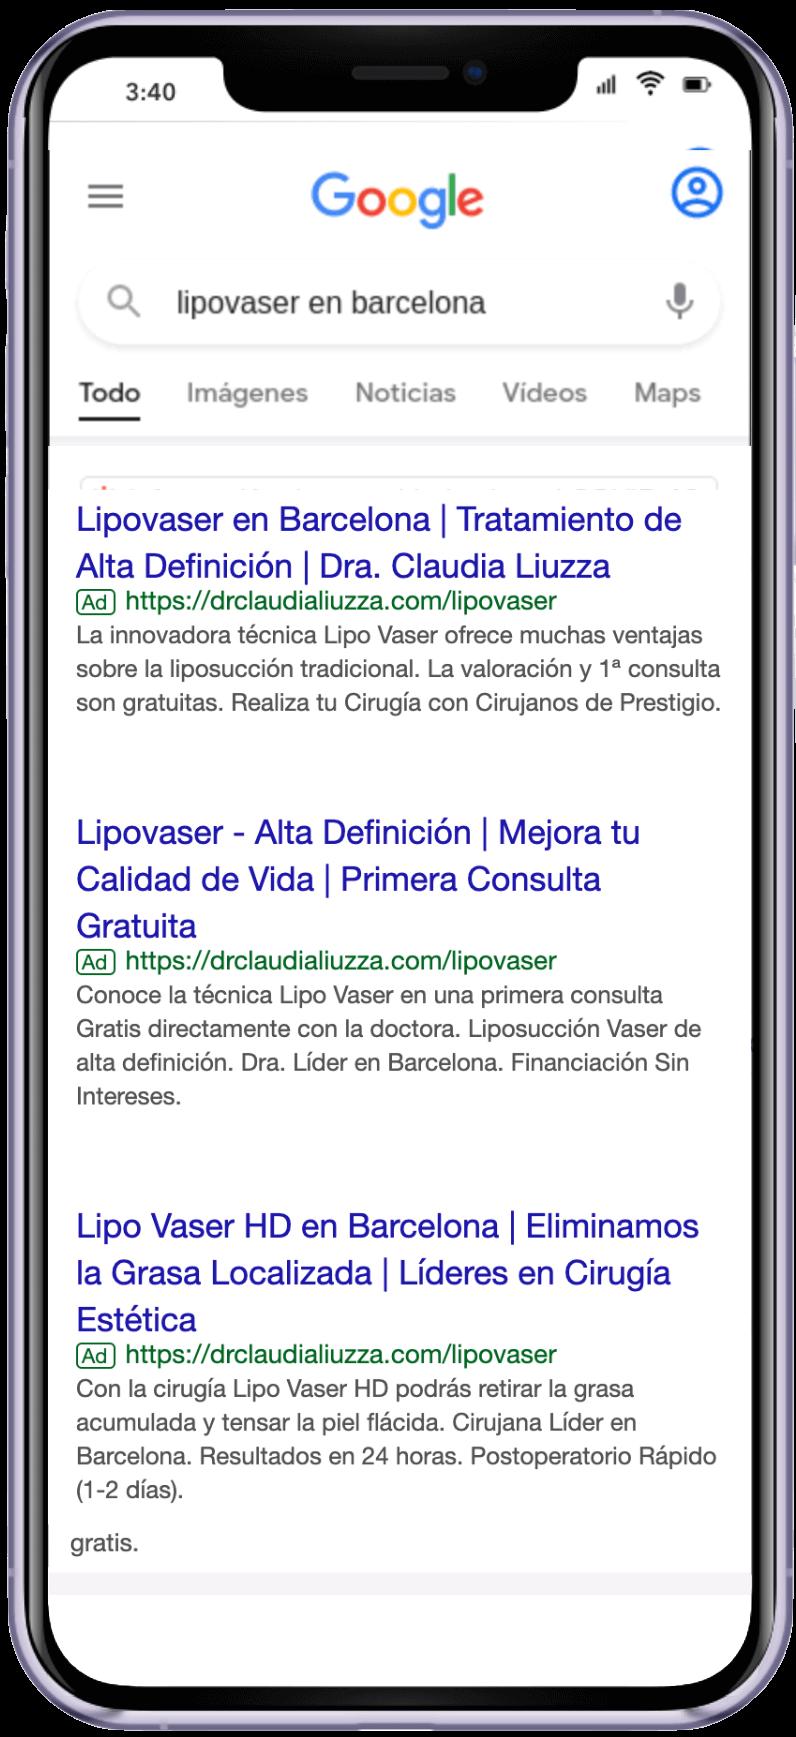 g ad CL lipovaser